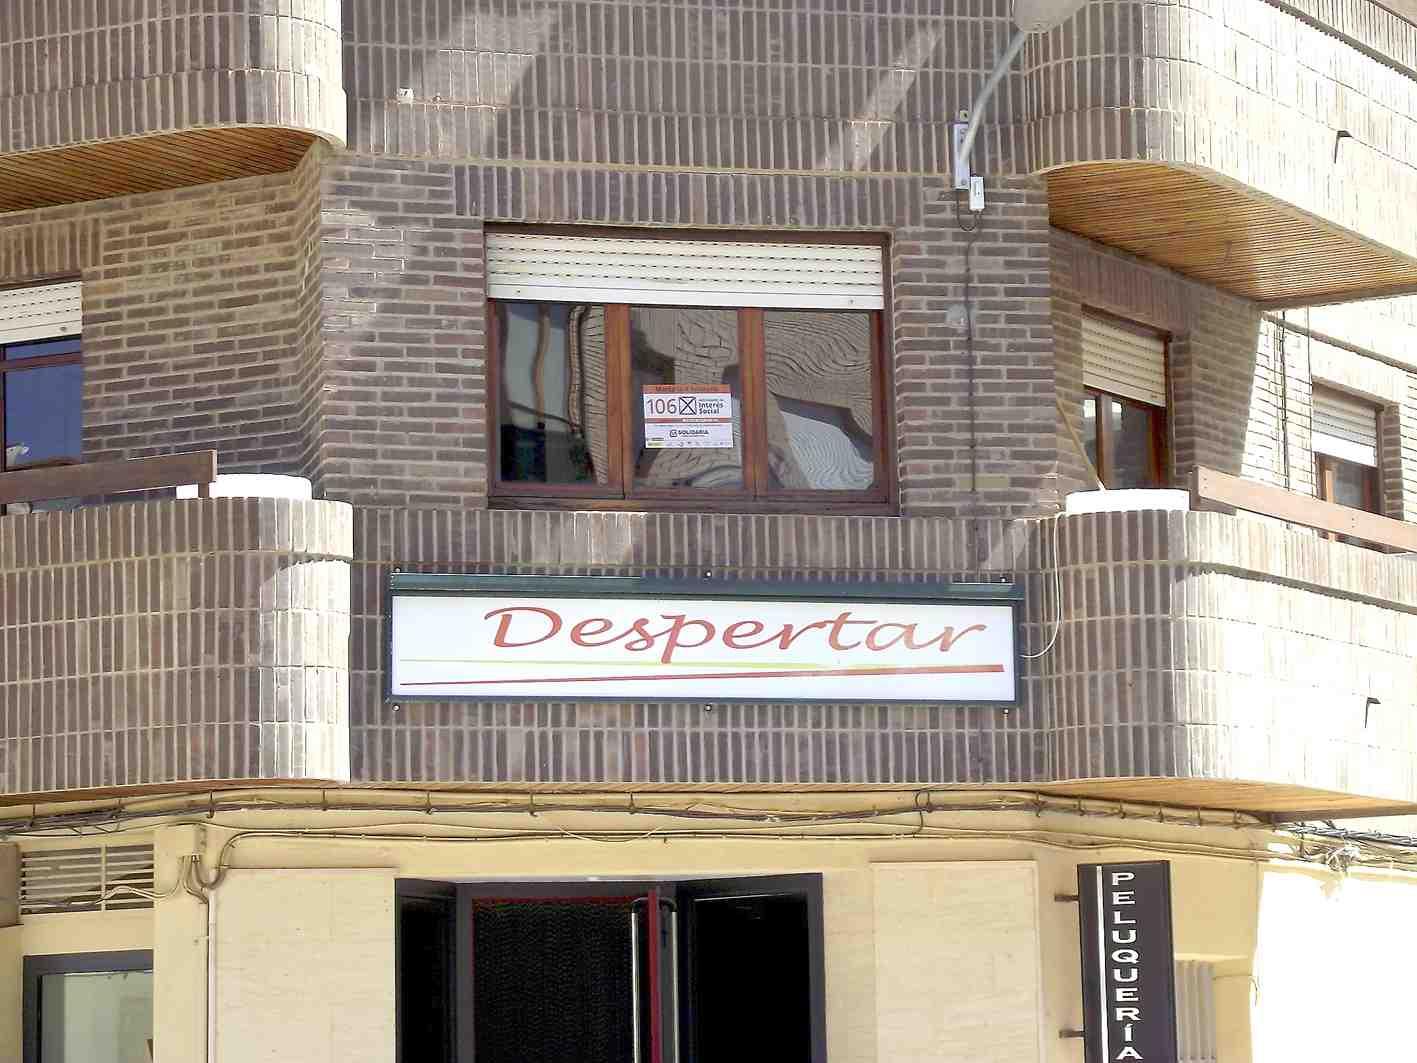 El Col·legi d'Advocats d'Alacant dona part del seu pressupost anual a l'associació Despertar de Castalla